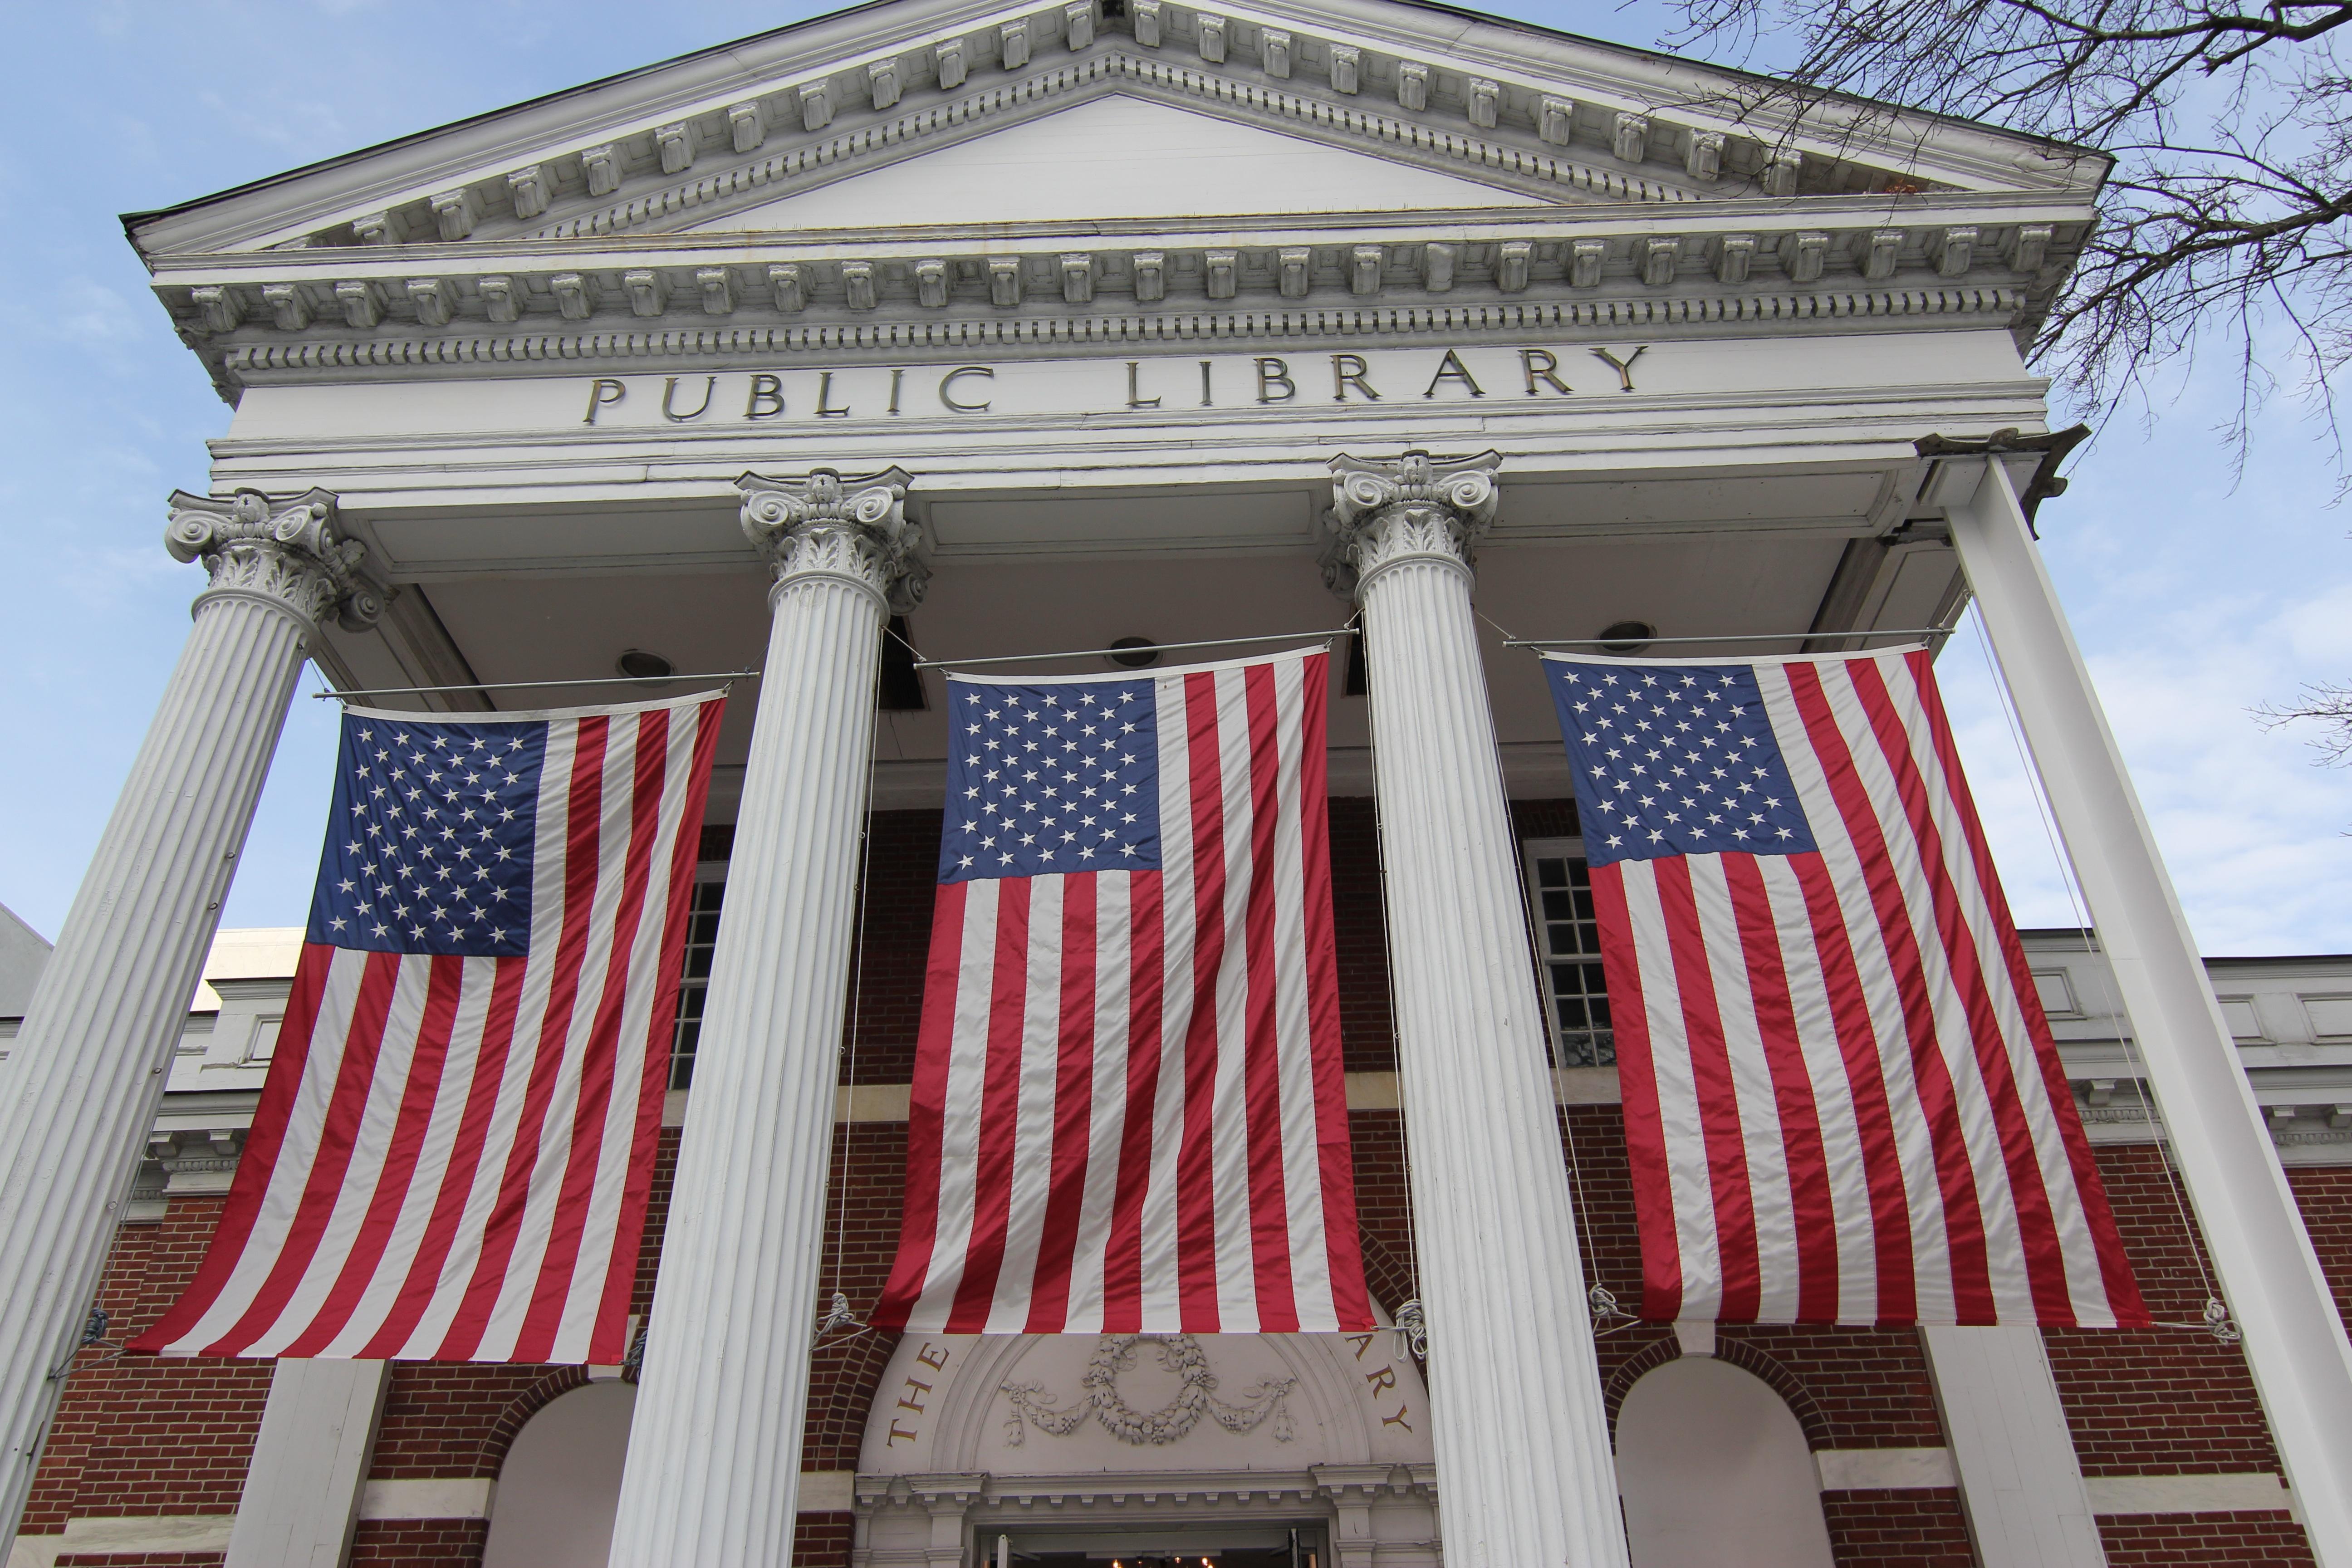 estructura palacio fachada diseo de interiores banderas biblioteca pblica connecticut edificio publico stamford de